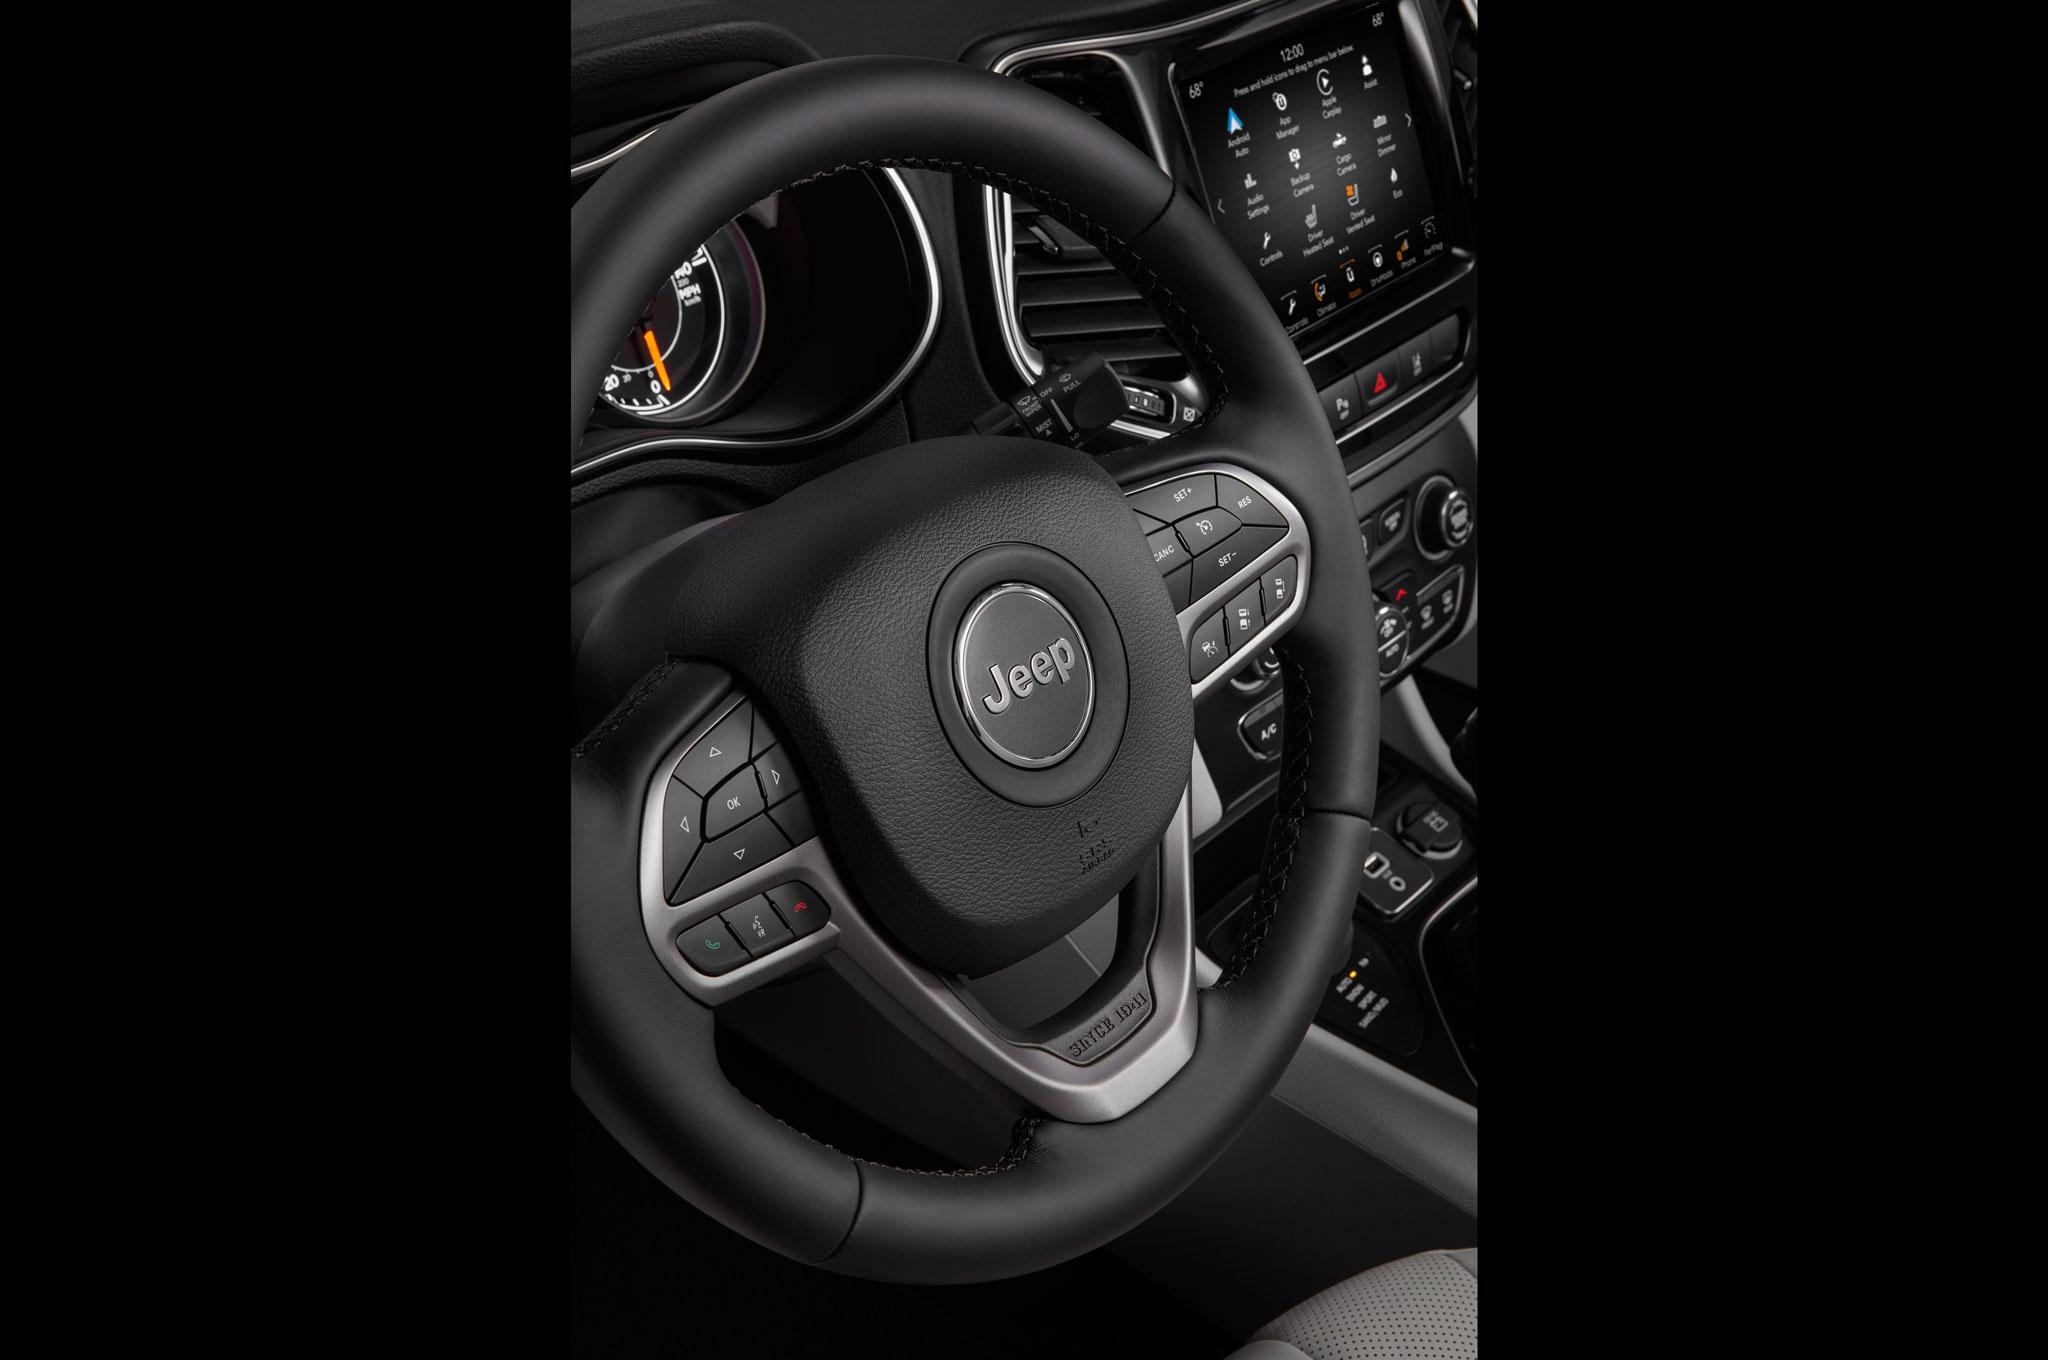 2019 Cherokee steering wheel